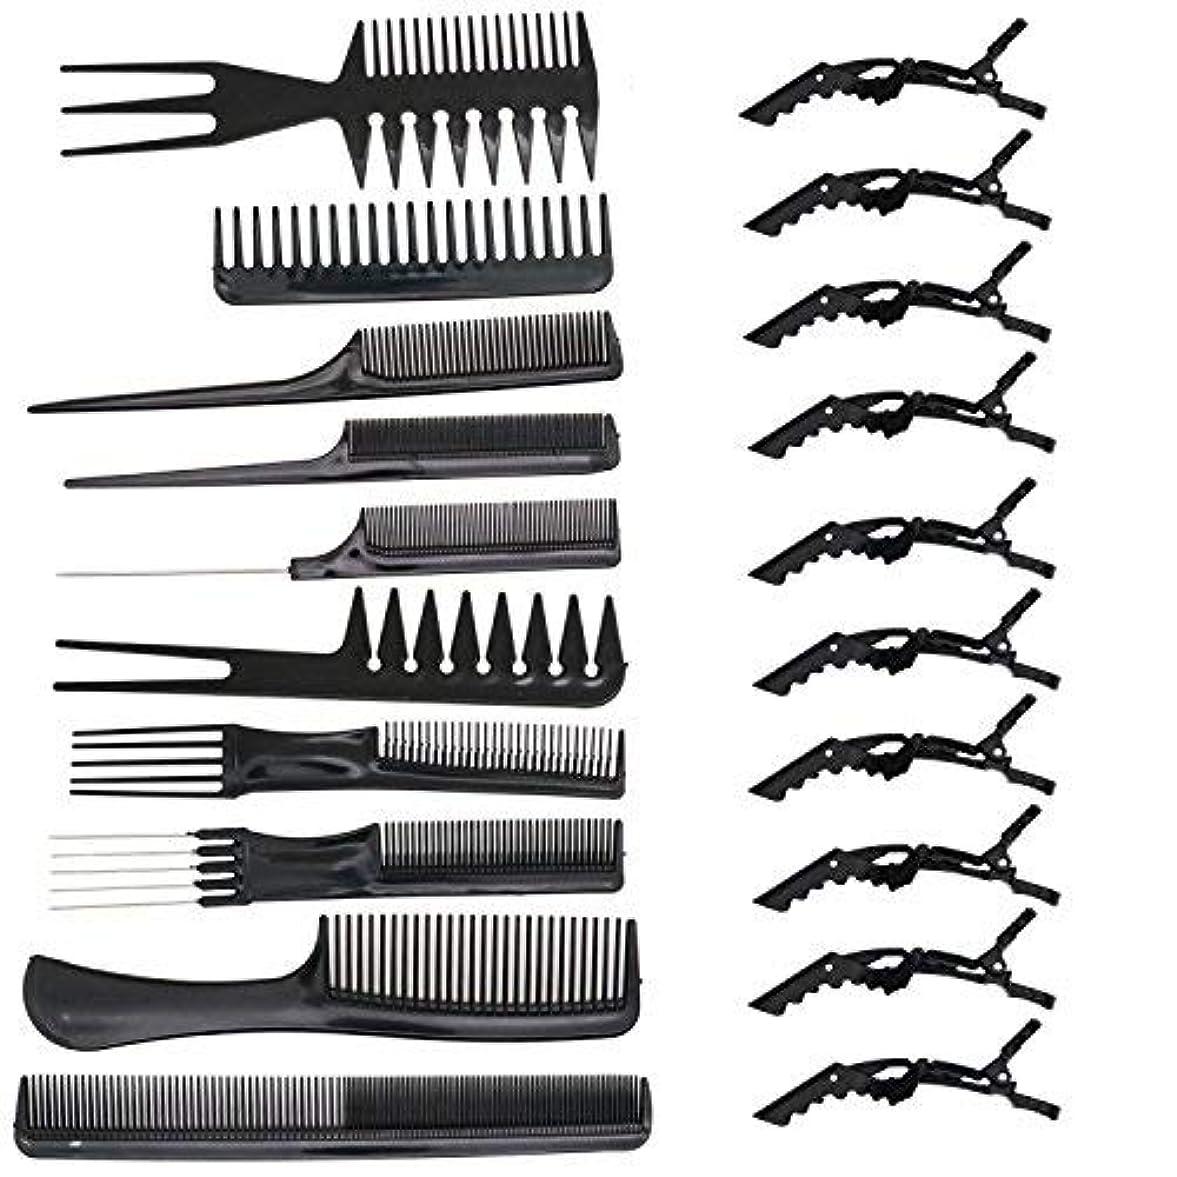 憂鬱日サラダHUELE 10 Pcs Professional Hair Styling Comb with Styling Clips Hair Salon Styling Barbers Set Kit [並行輸入品]